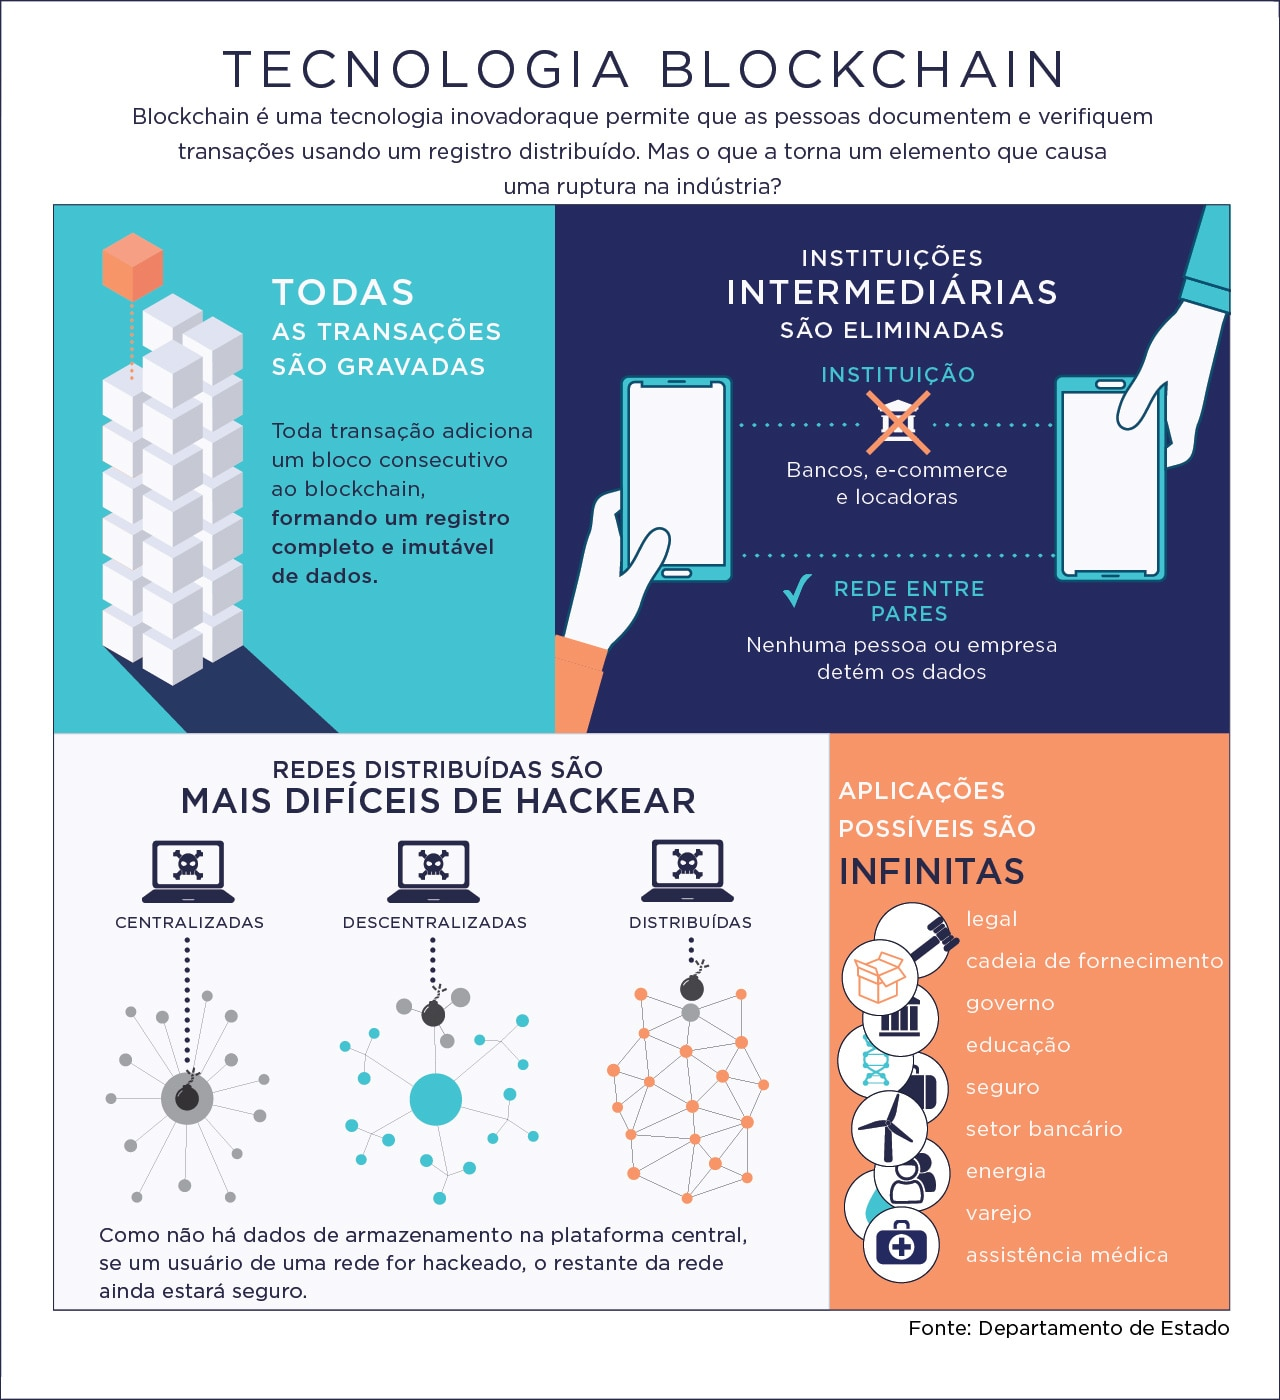 Infográfico explica a tecnologia blockchain (Depto. de Estado)